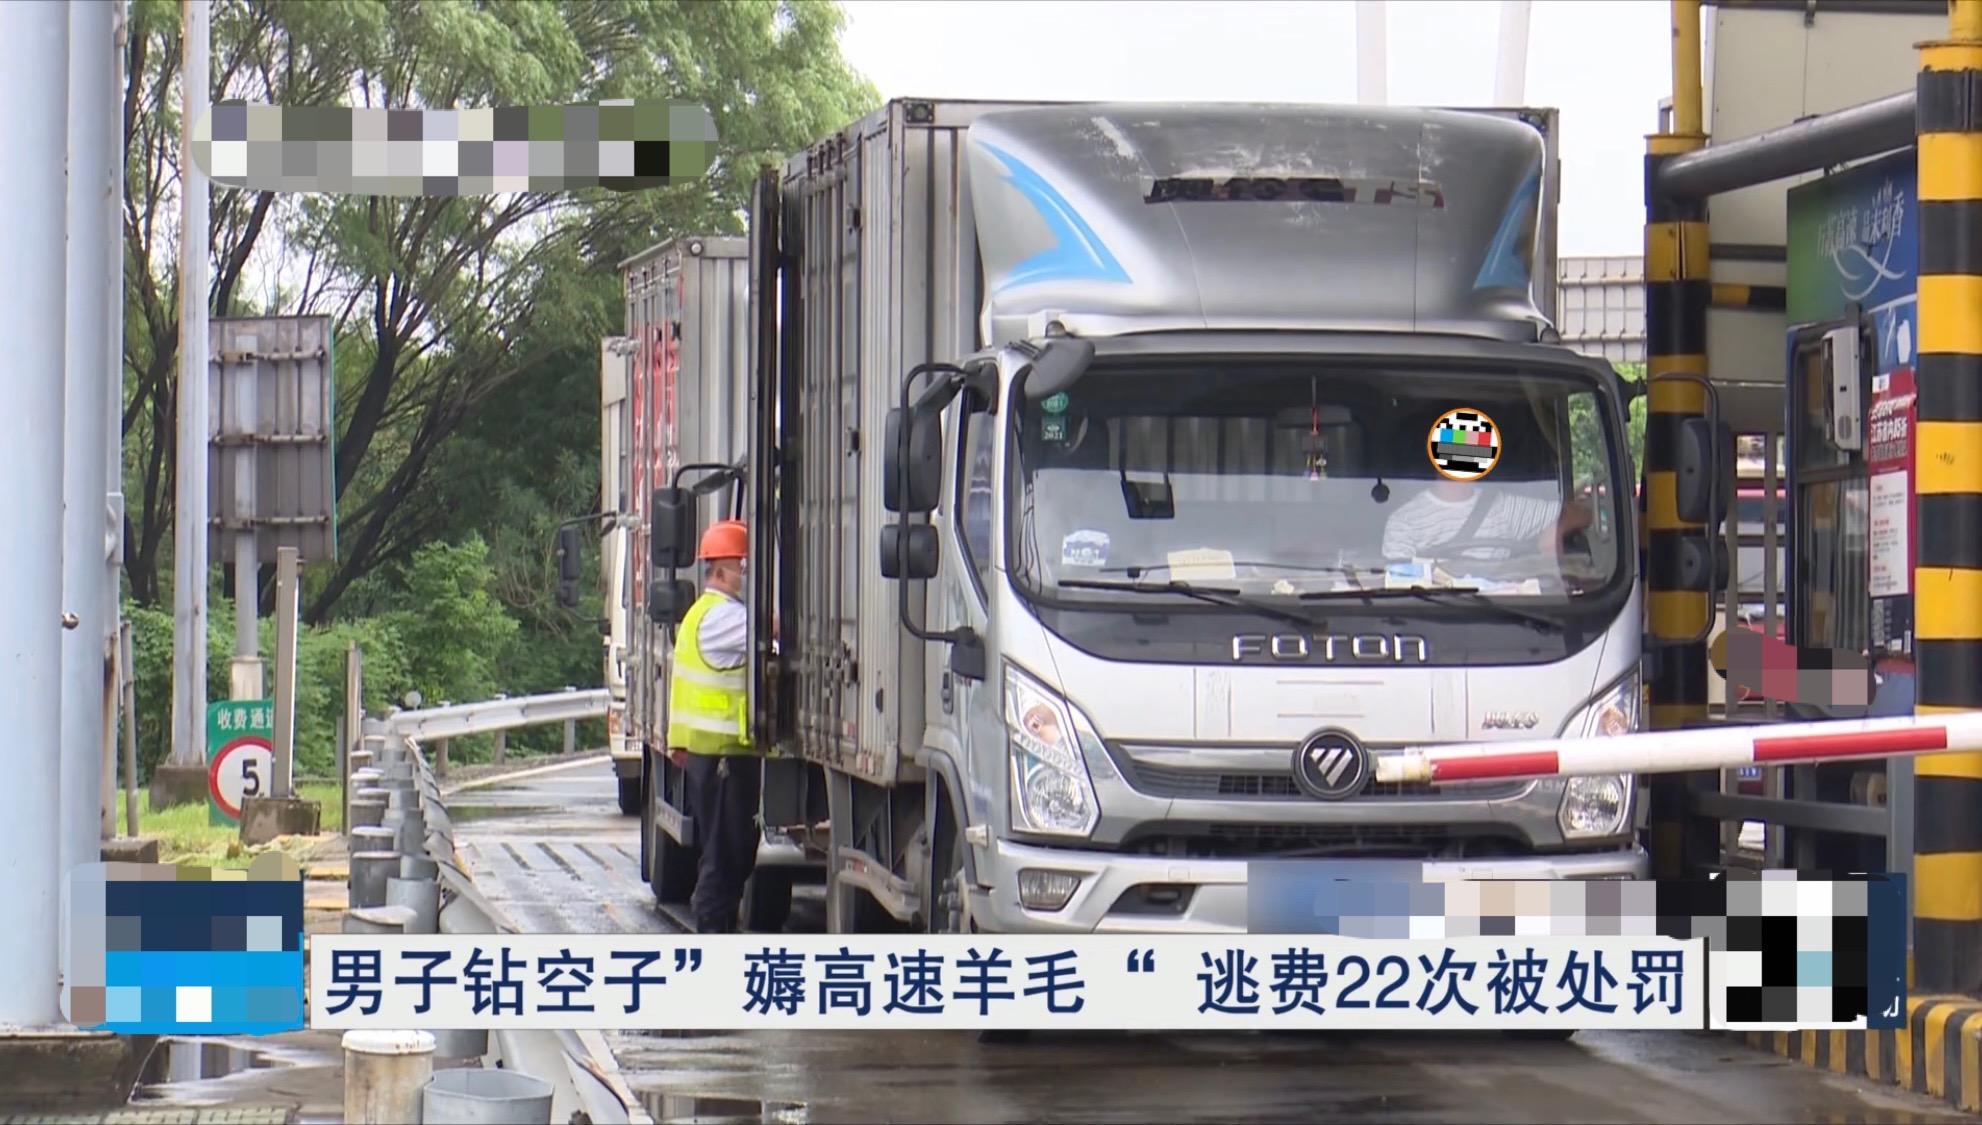 货车司机把瓜子袋叠在一起,屏蔽ETC逃费22次,3个月累计4万多元